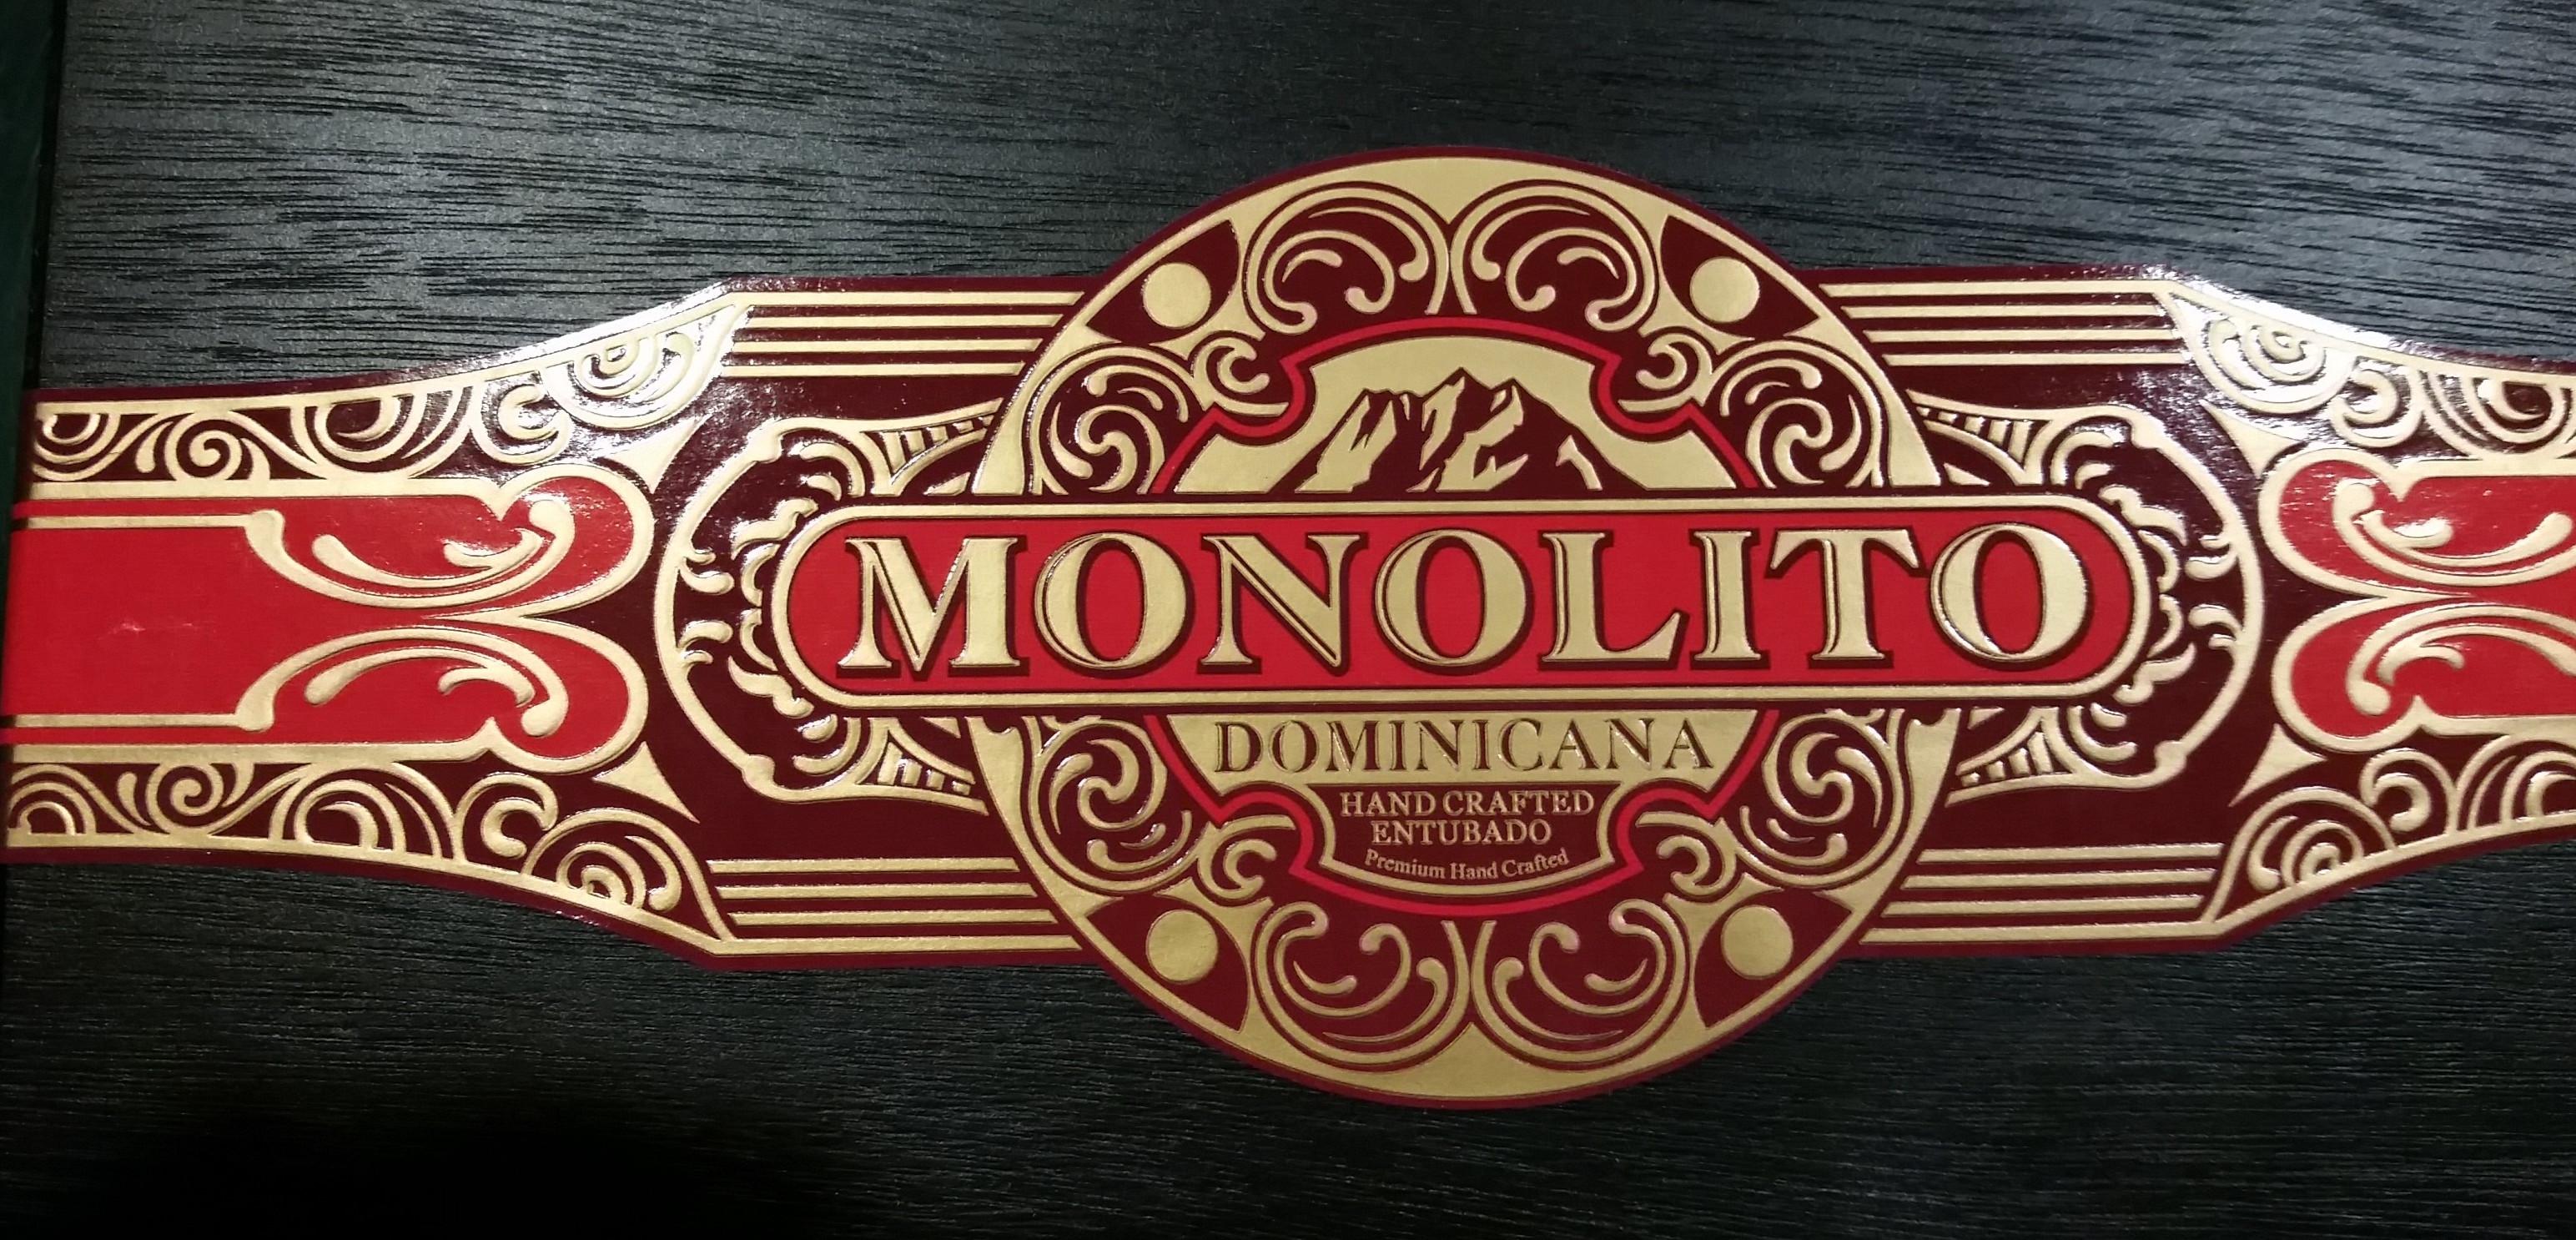 Monolito_Dominicana_Band